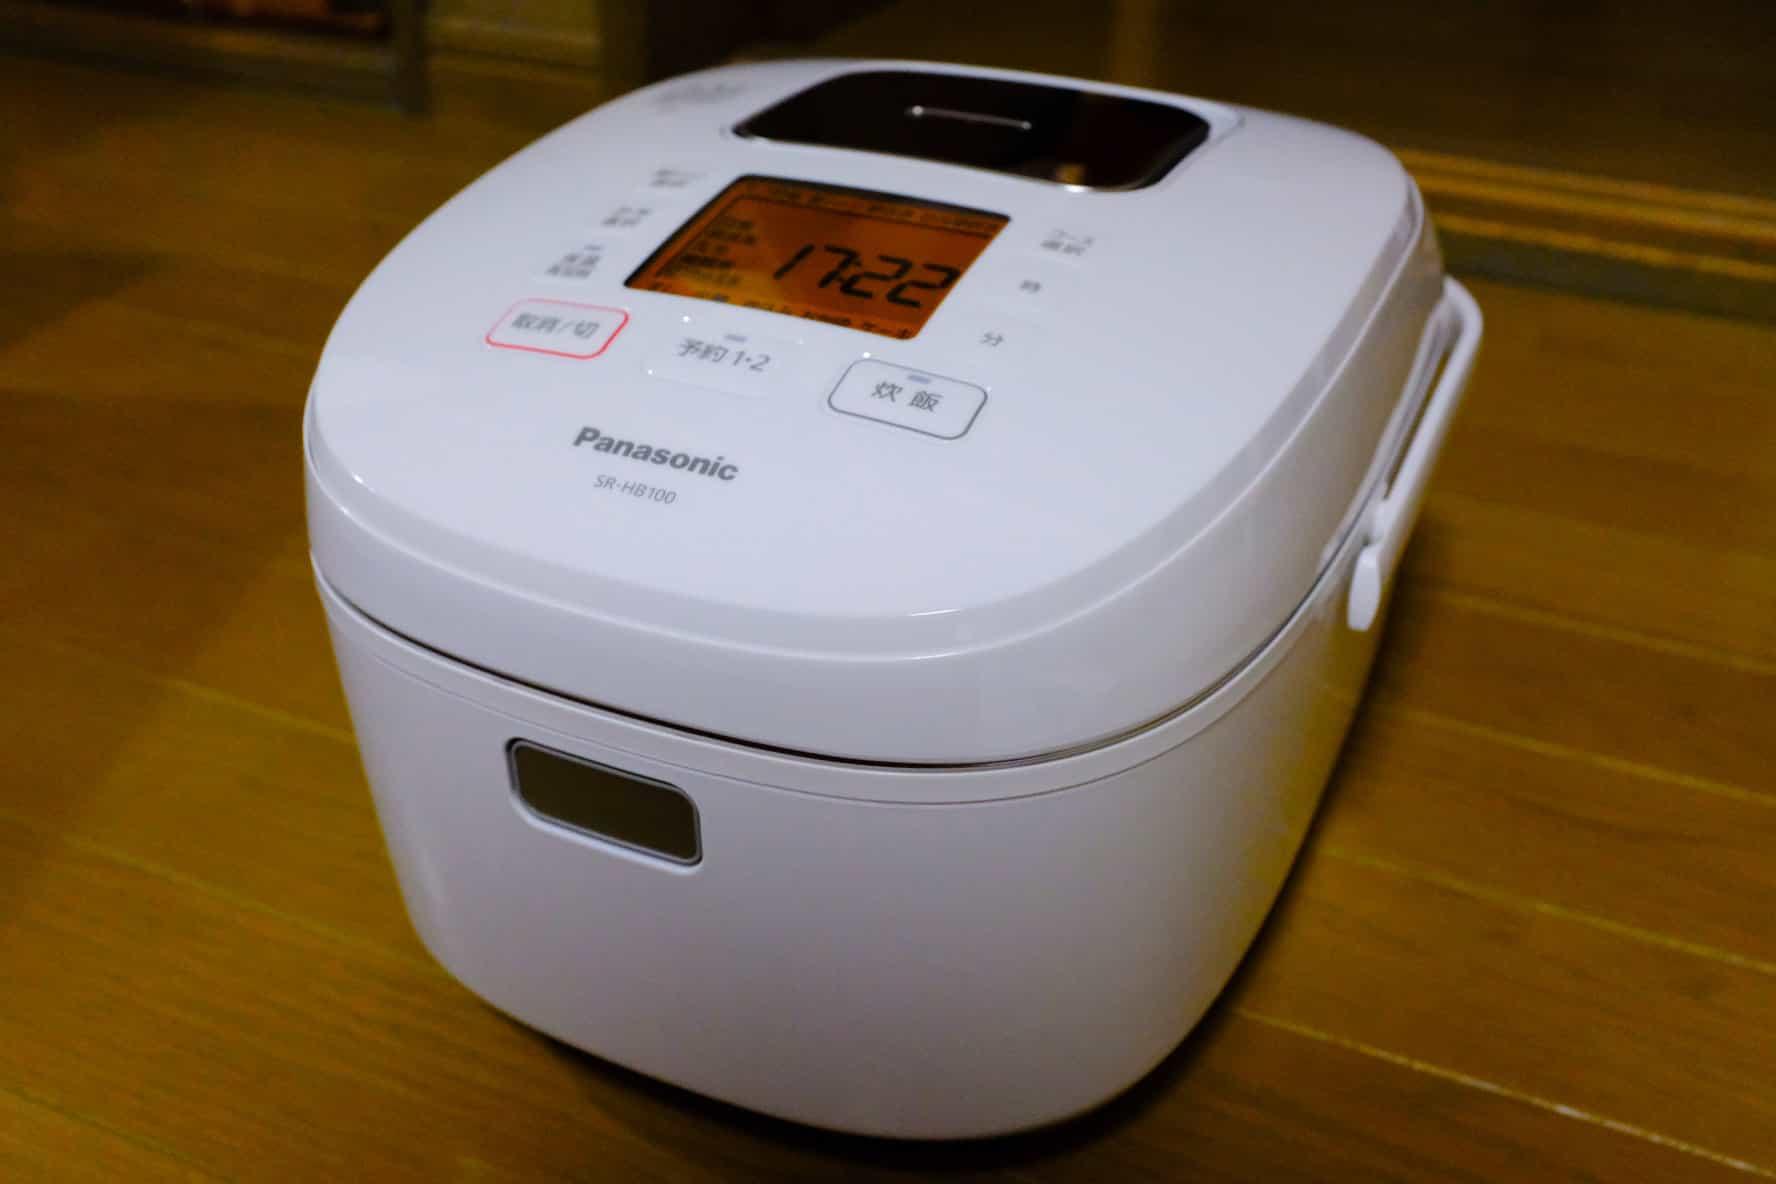 炊飯器を買い替えました。新しい炊飯器のご飯がうまい!〜 SR-HB100 〜